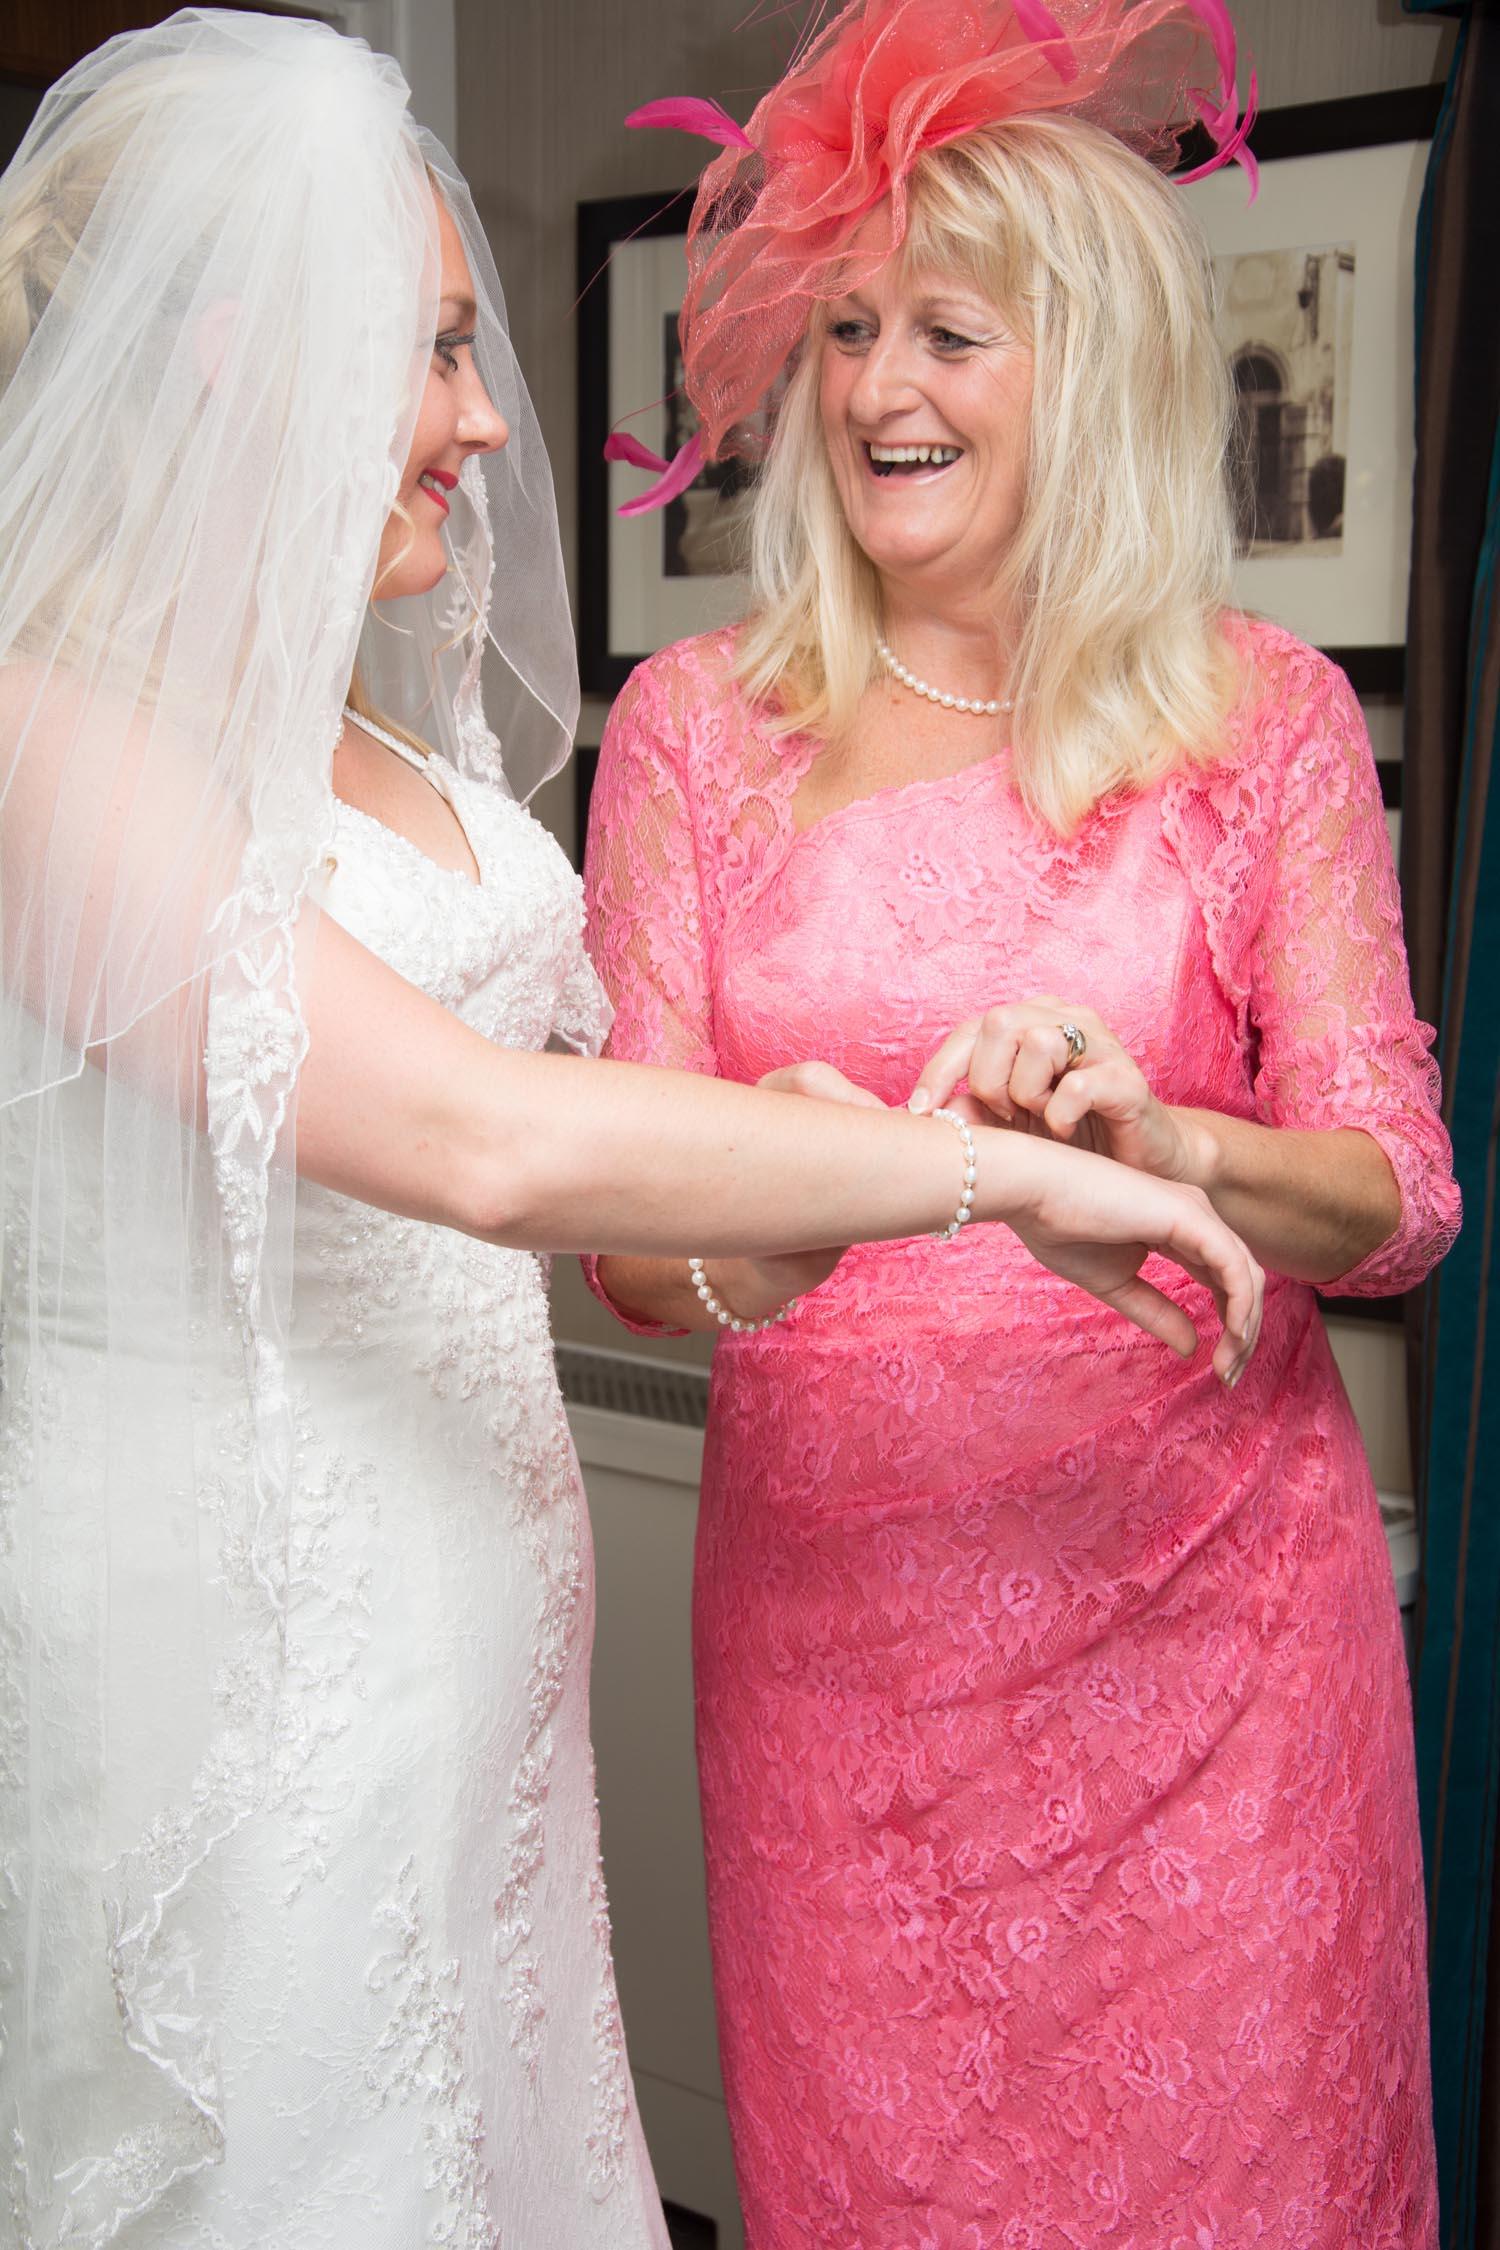 brides mother smiling while fastening brides bracelet